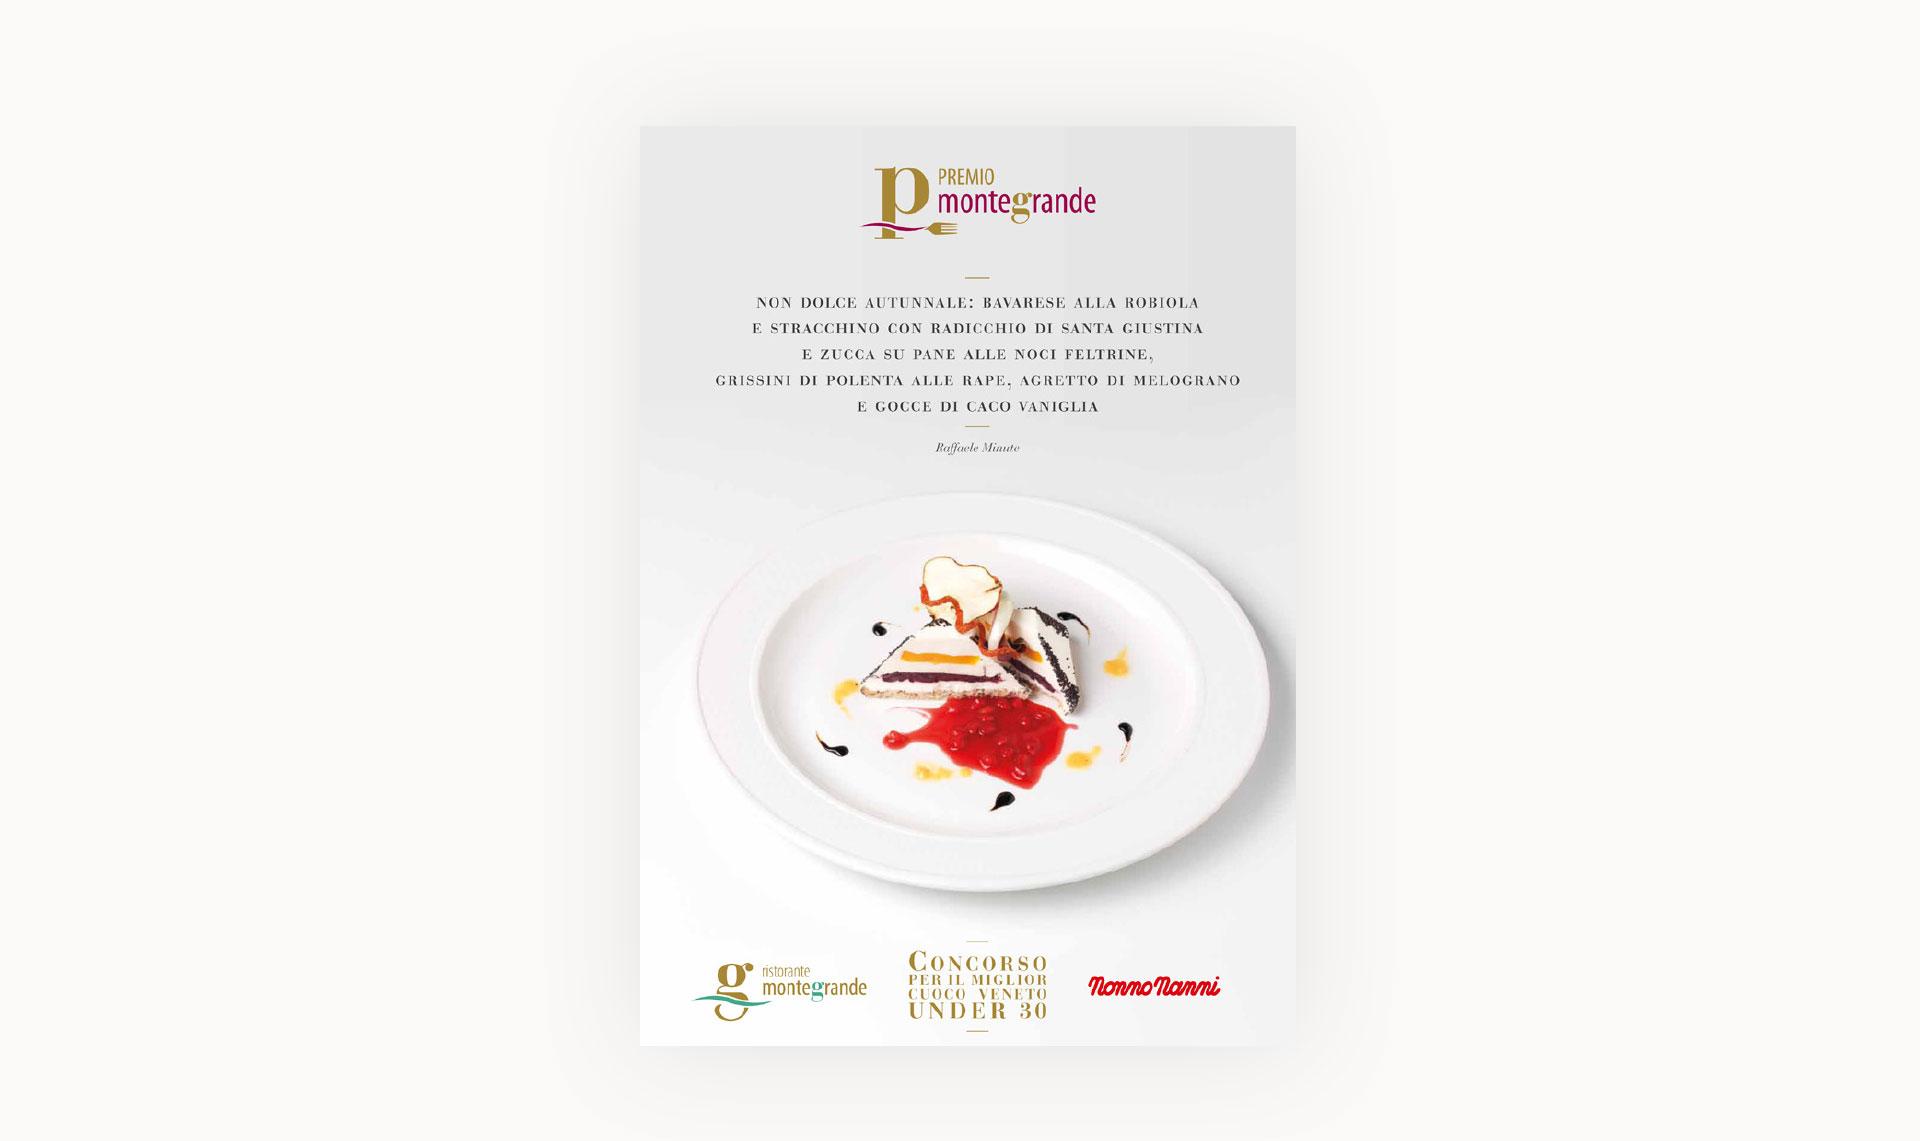 Premio Montegrande - o-zone